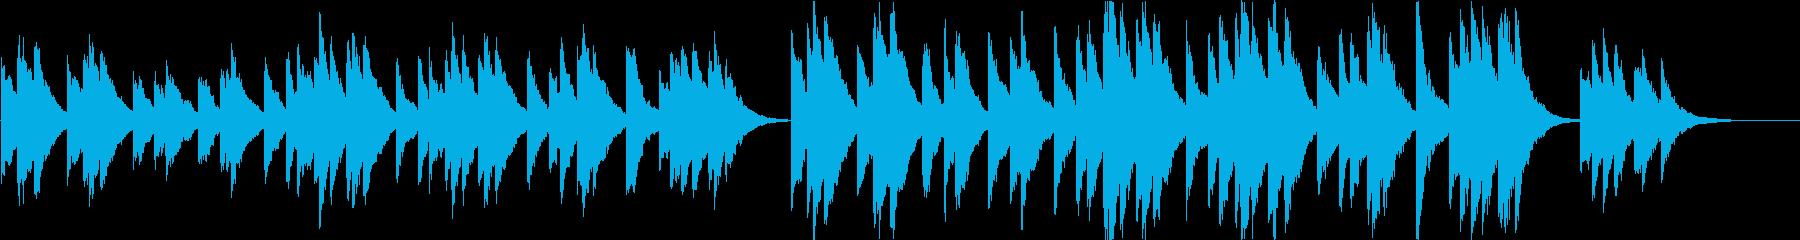 時報・チャイム風の名曲のメロディ・13の再生済みの波形